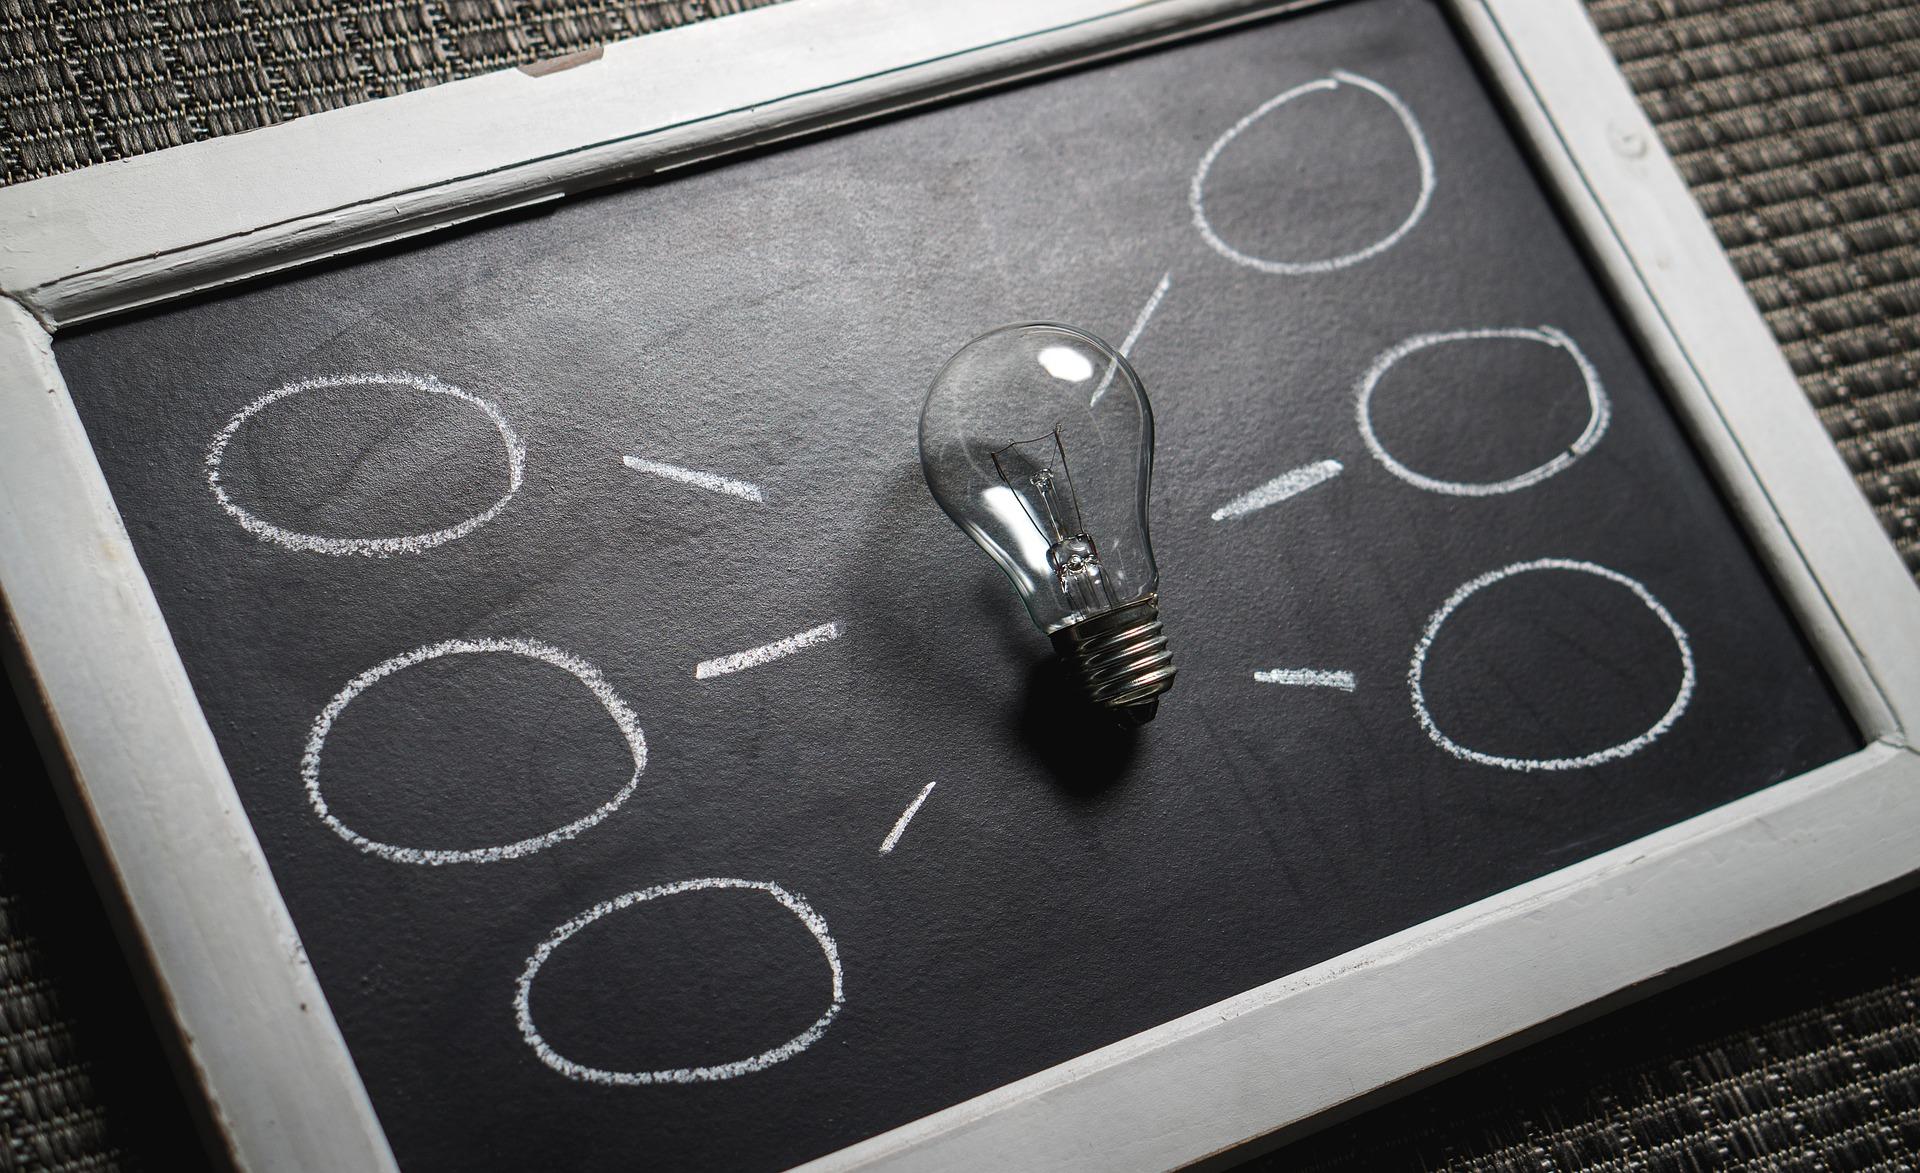 puterea creierului - sfatulparintilor.ro - pixabay_com - idea-2123972_1920